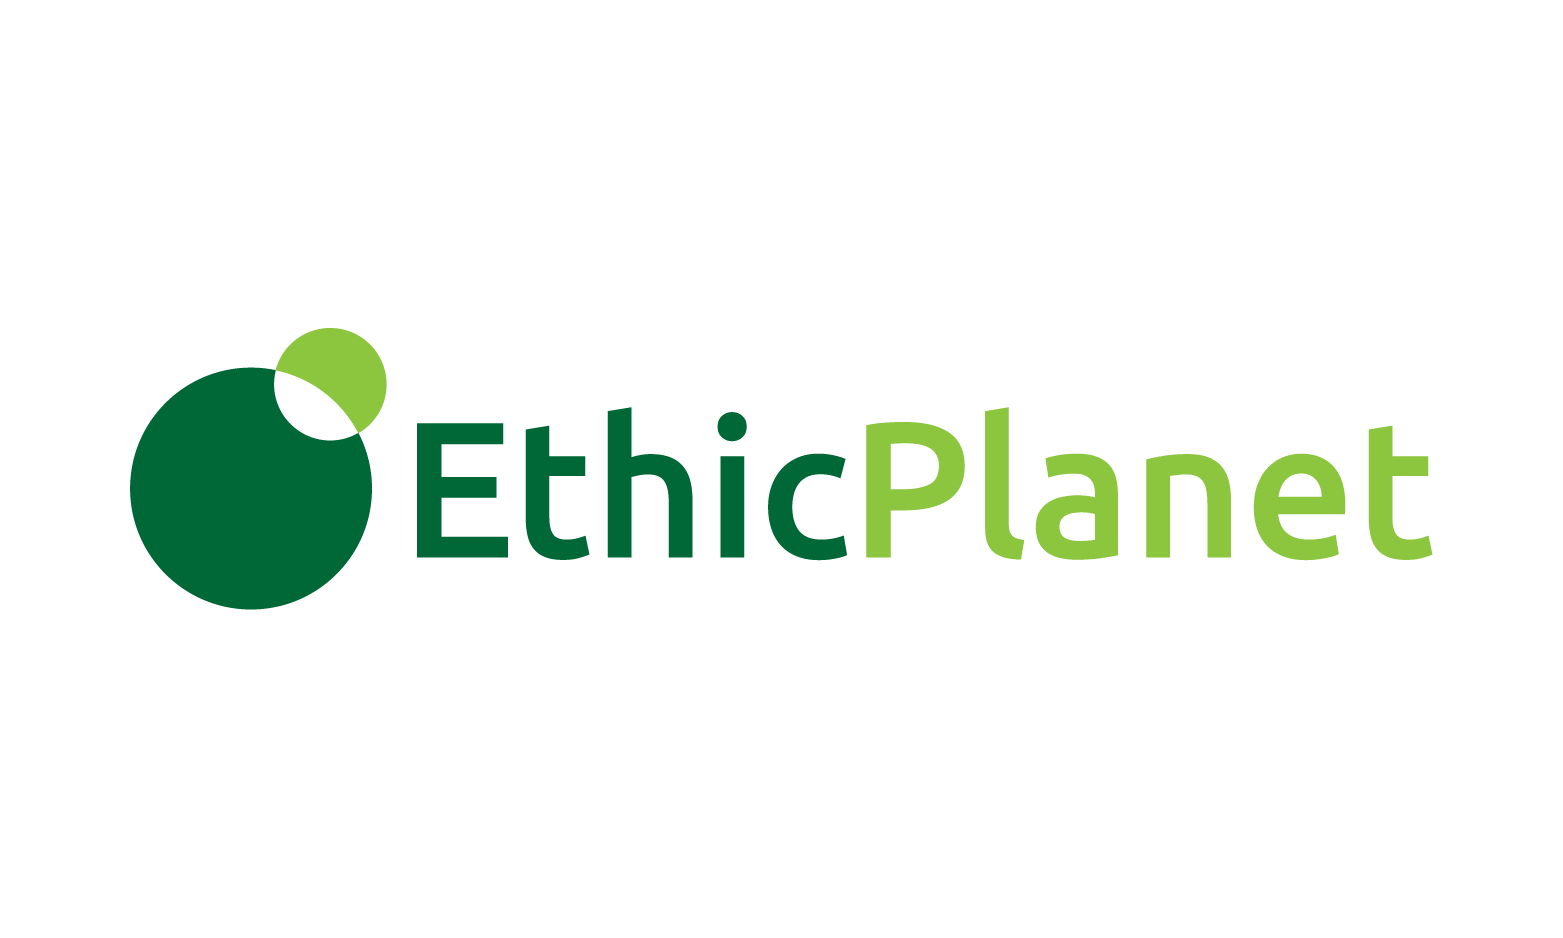 EthicPlanet.com